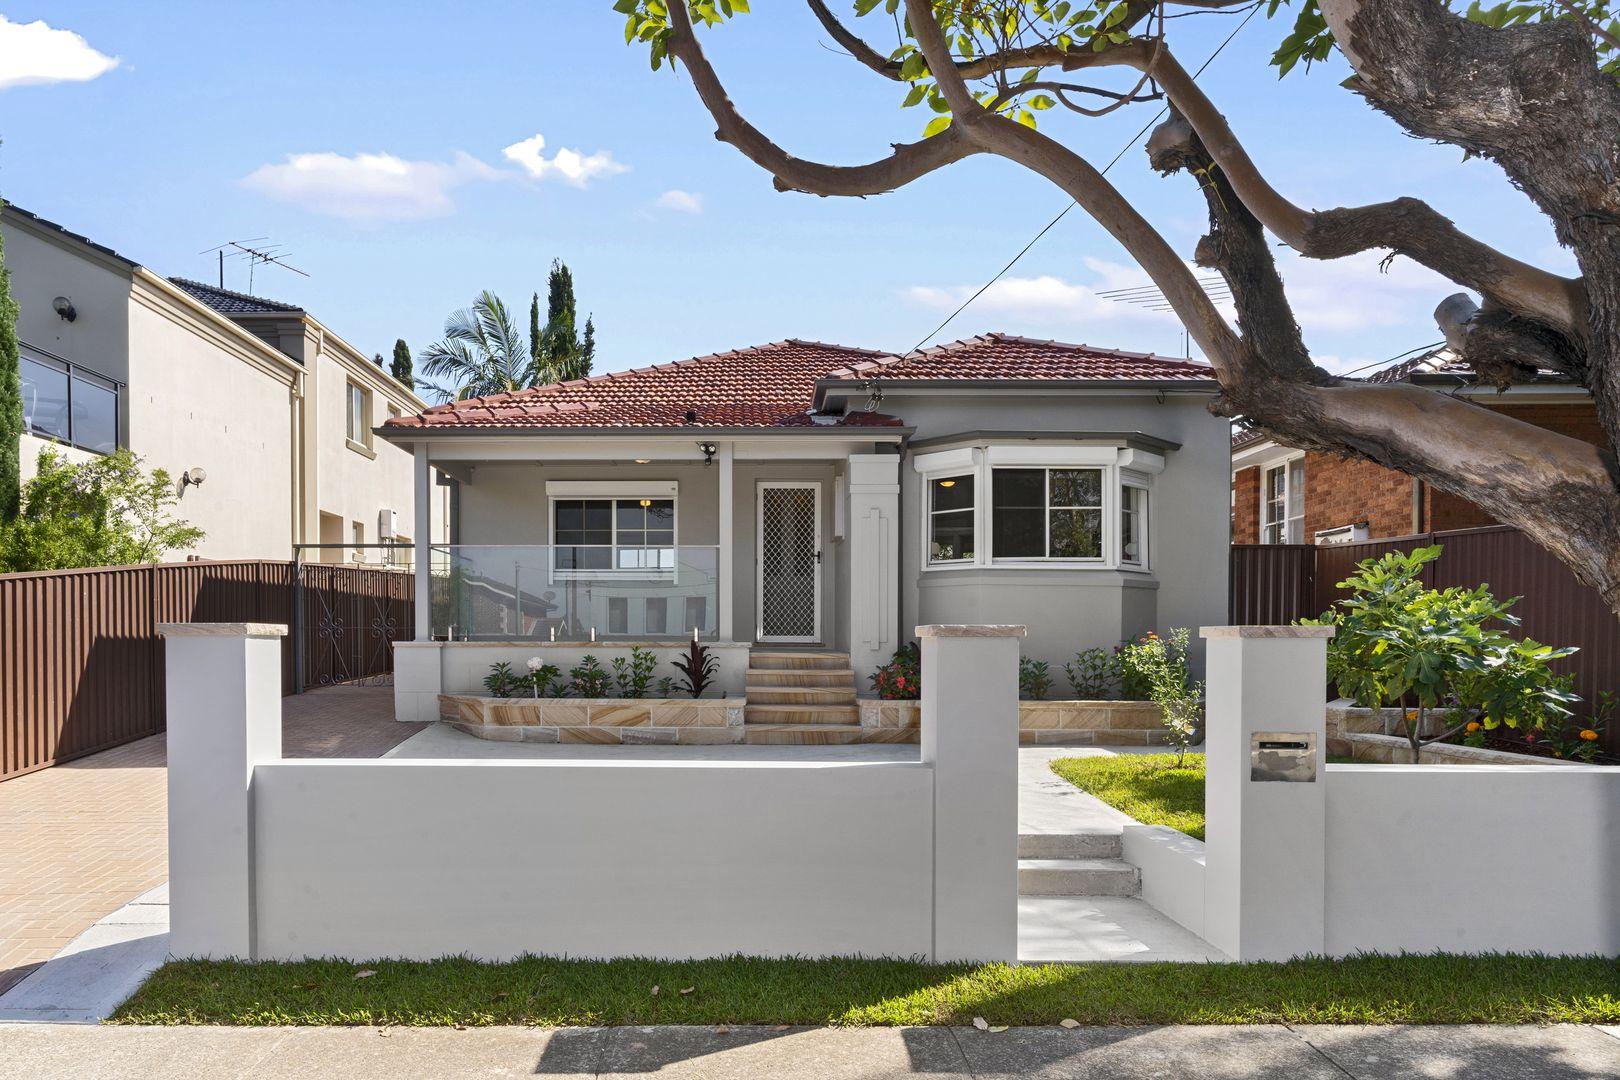 35 Dean Street, Strathfield South NSW 2136, Image 0